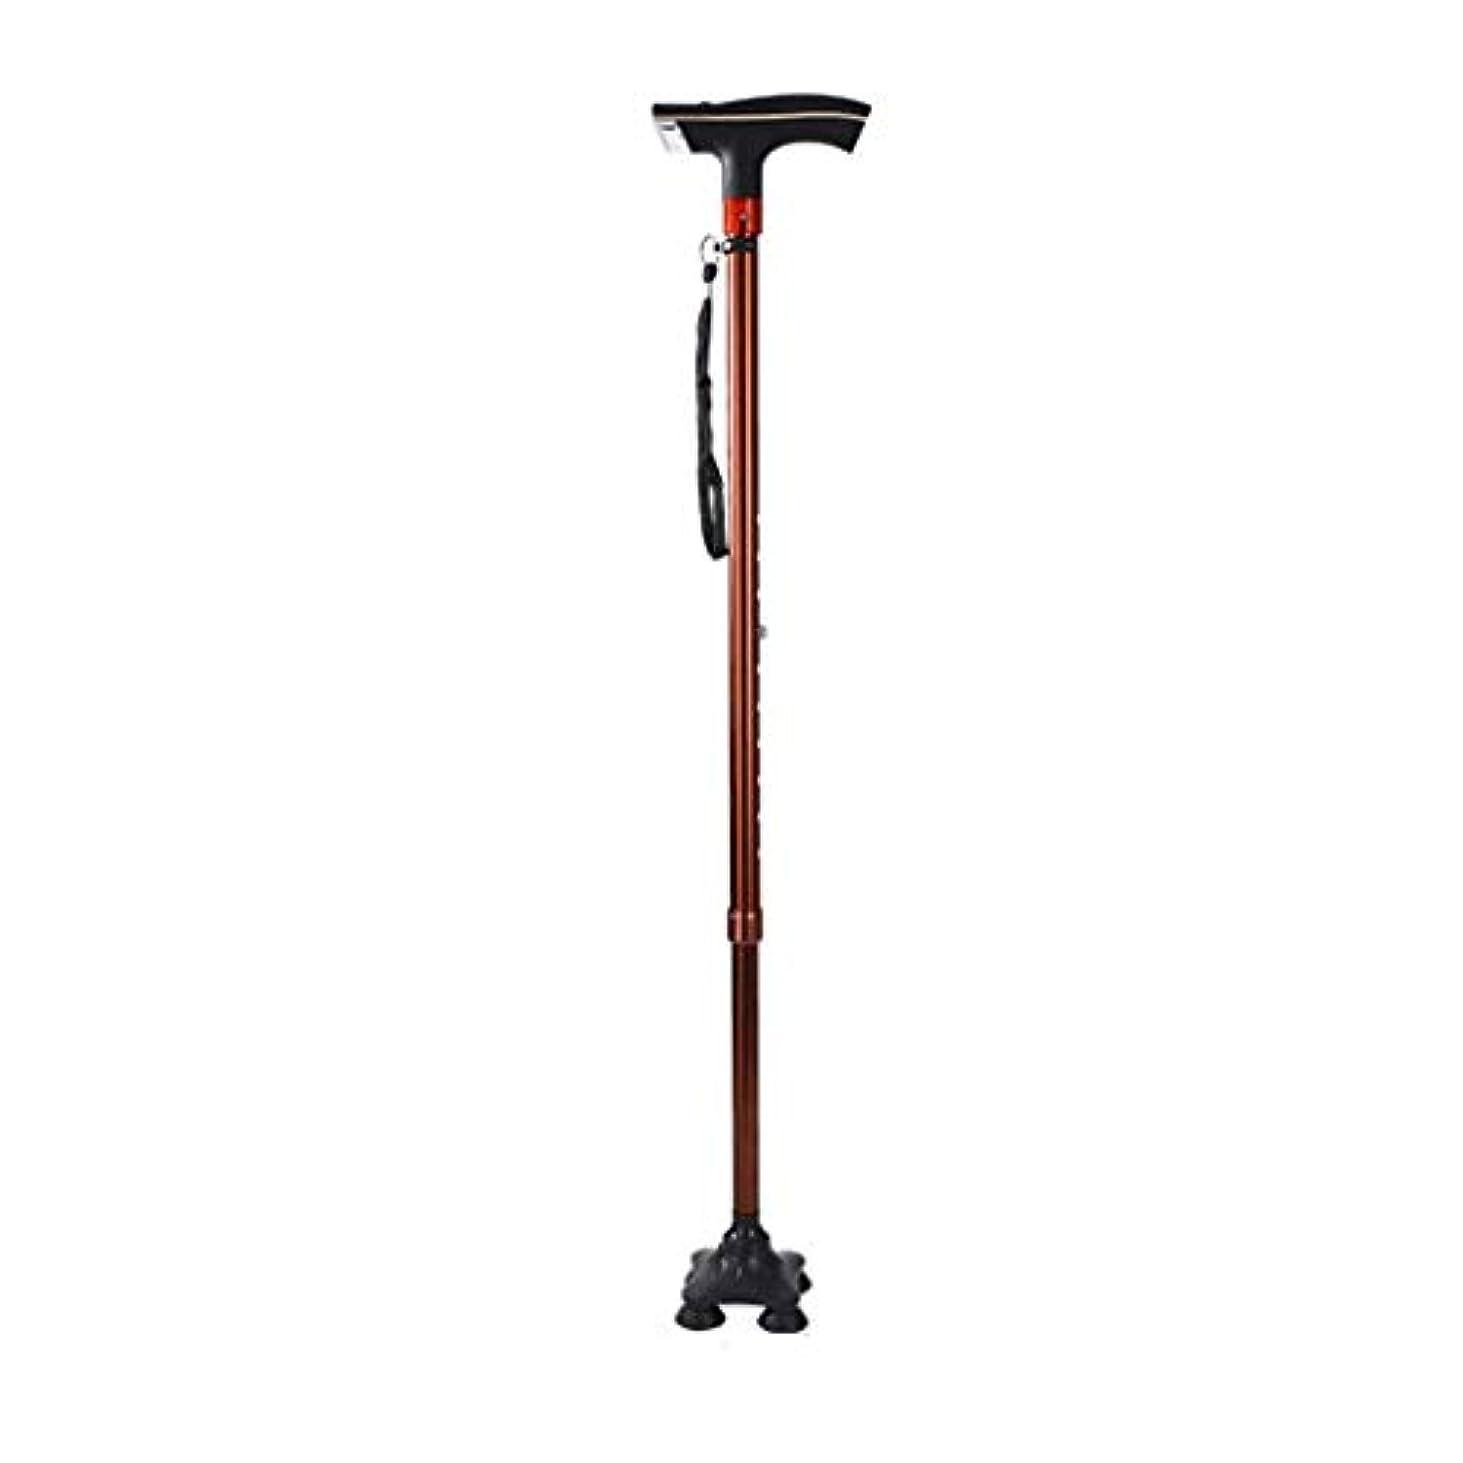 船員出席左アルミ合金テレスコピック杖用高齢者4フィート杖ledライトデザインベアリング100キログラム